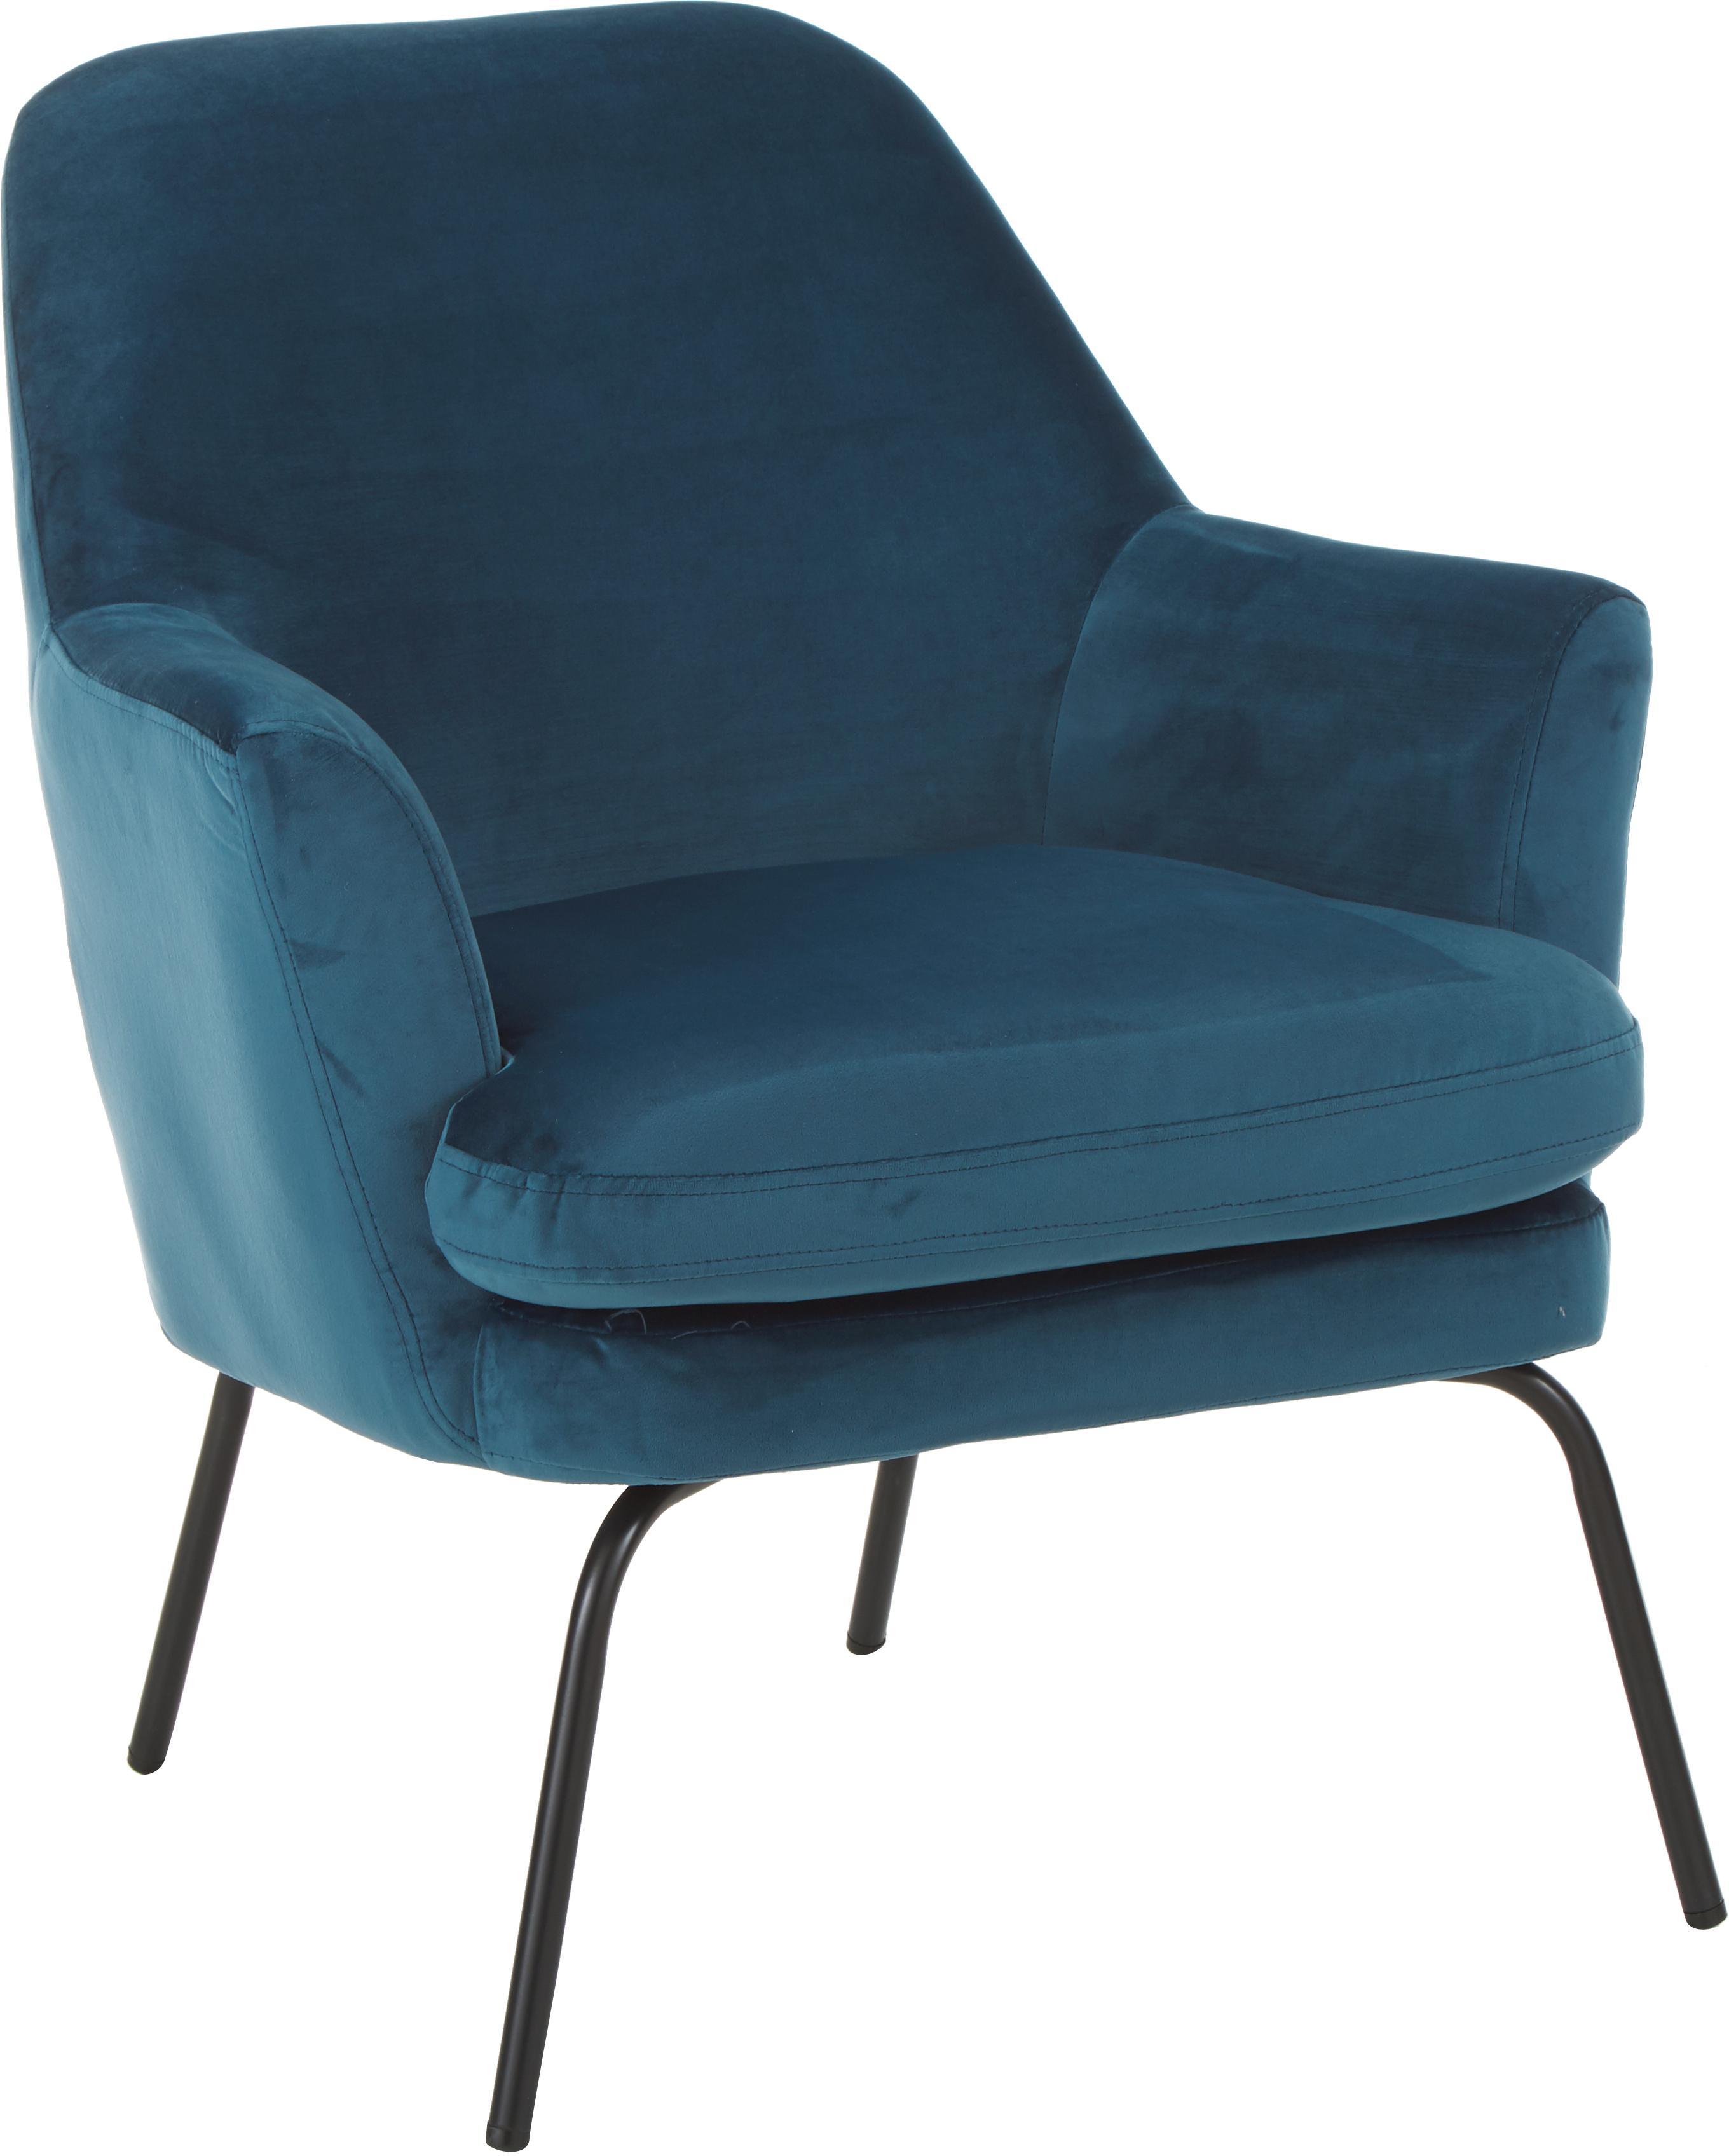 Fluwelen fauteuil Chisa, Bekleding: polyester (fluweel), Poten: gepoedercoat metaal, Marineblauw, B 58 x D 50 cm